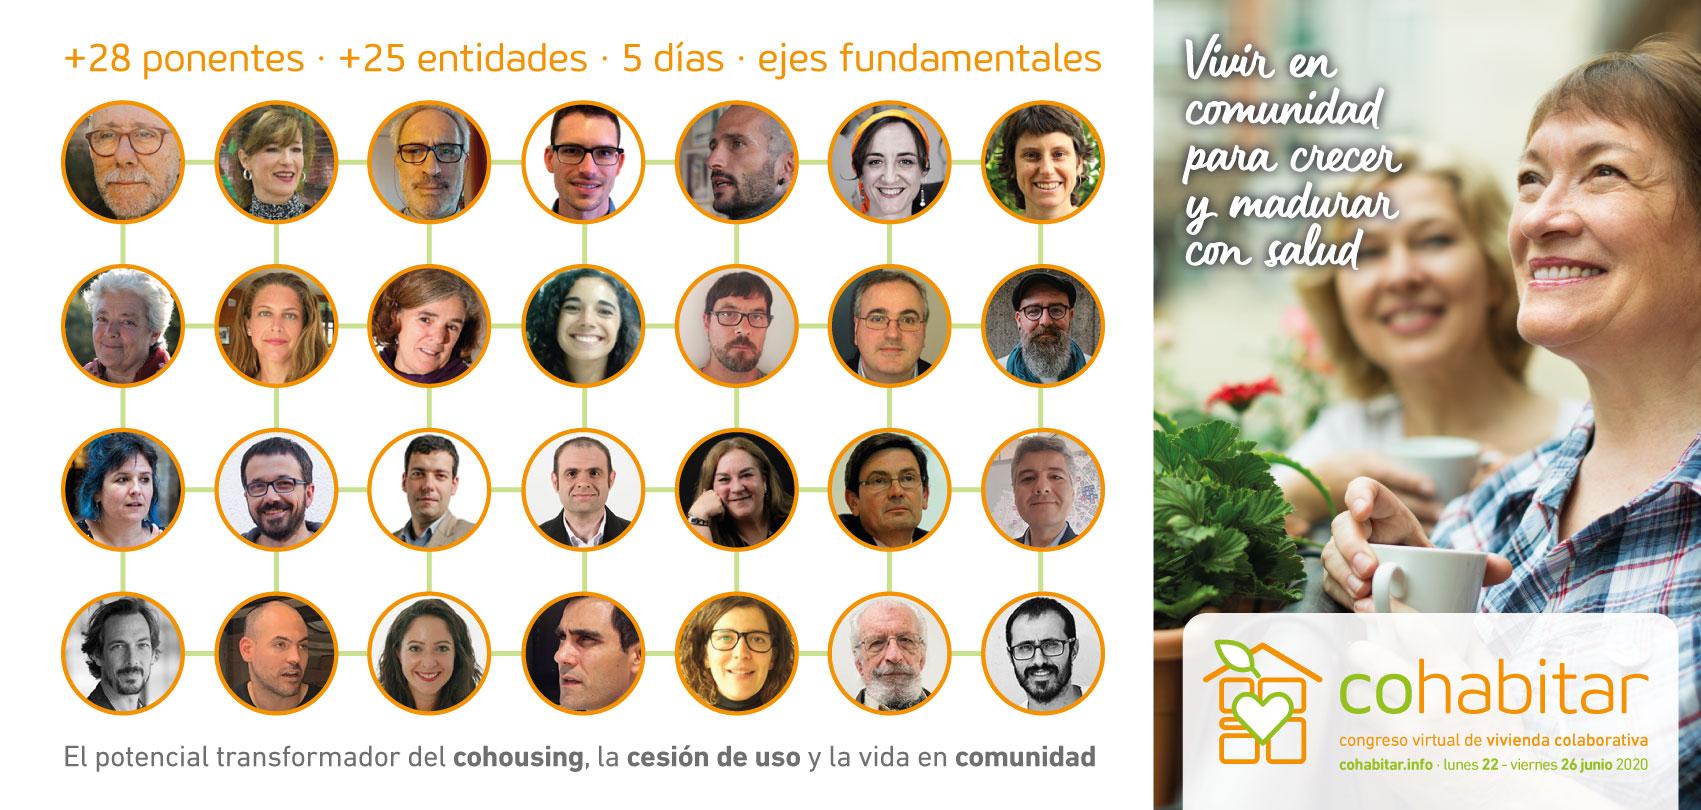 cohabitar flyer congreso vivienda colaborativa ponentes